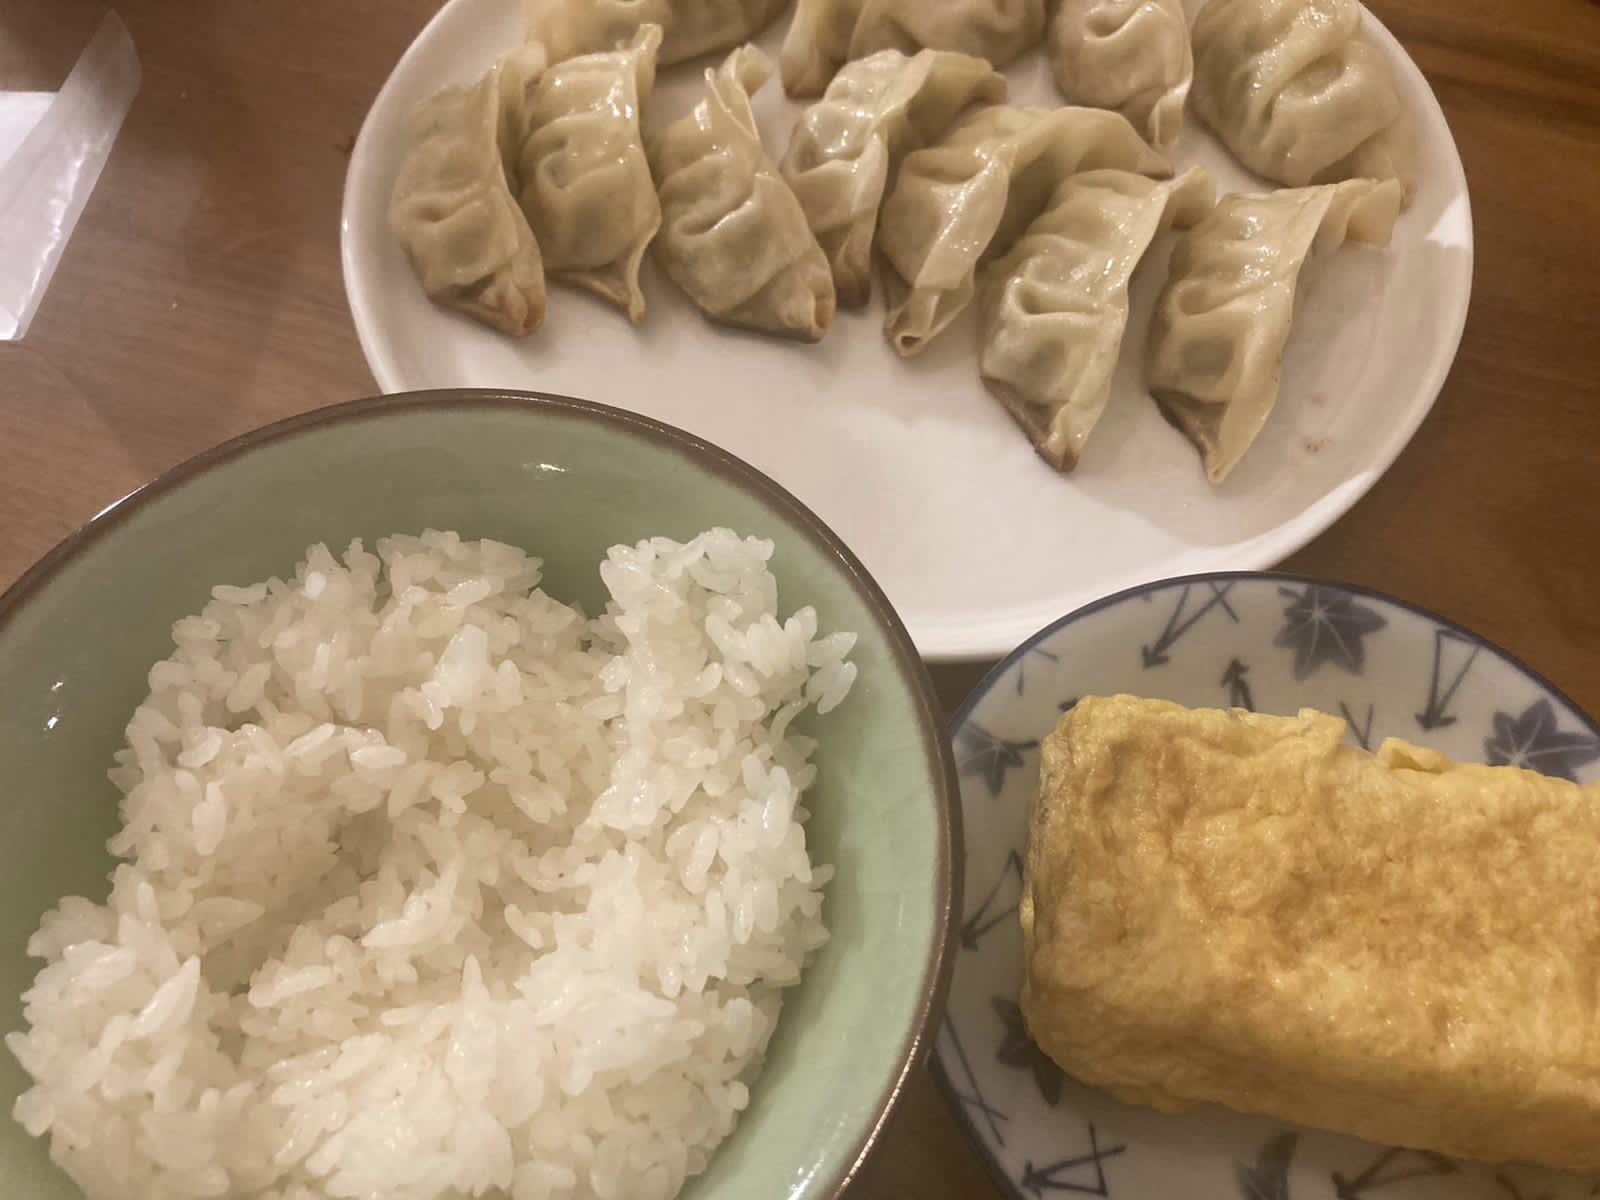 滞仏日記「食べた料理の写真を毎回送ってくる息子の意図はなんだ?」